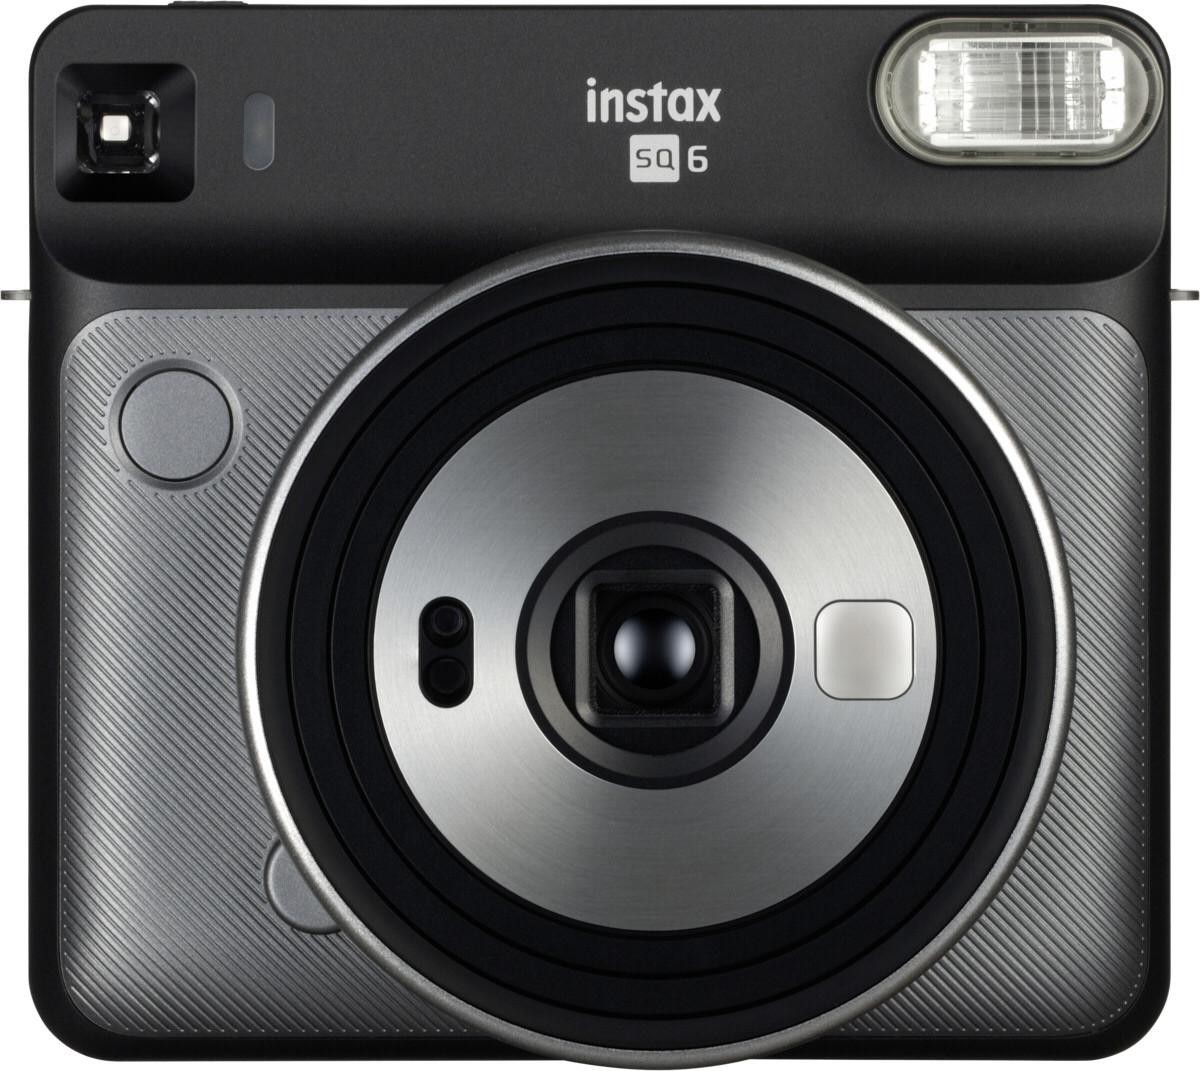 Fujifilm Instax SQ6, grafīta pelēks + fotomateriāls 4741326404672 4741326404672 Digitālā kamera